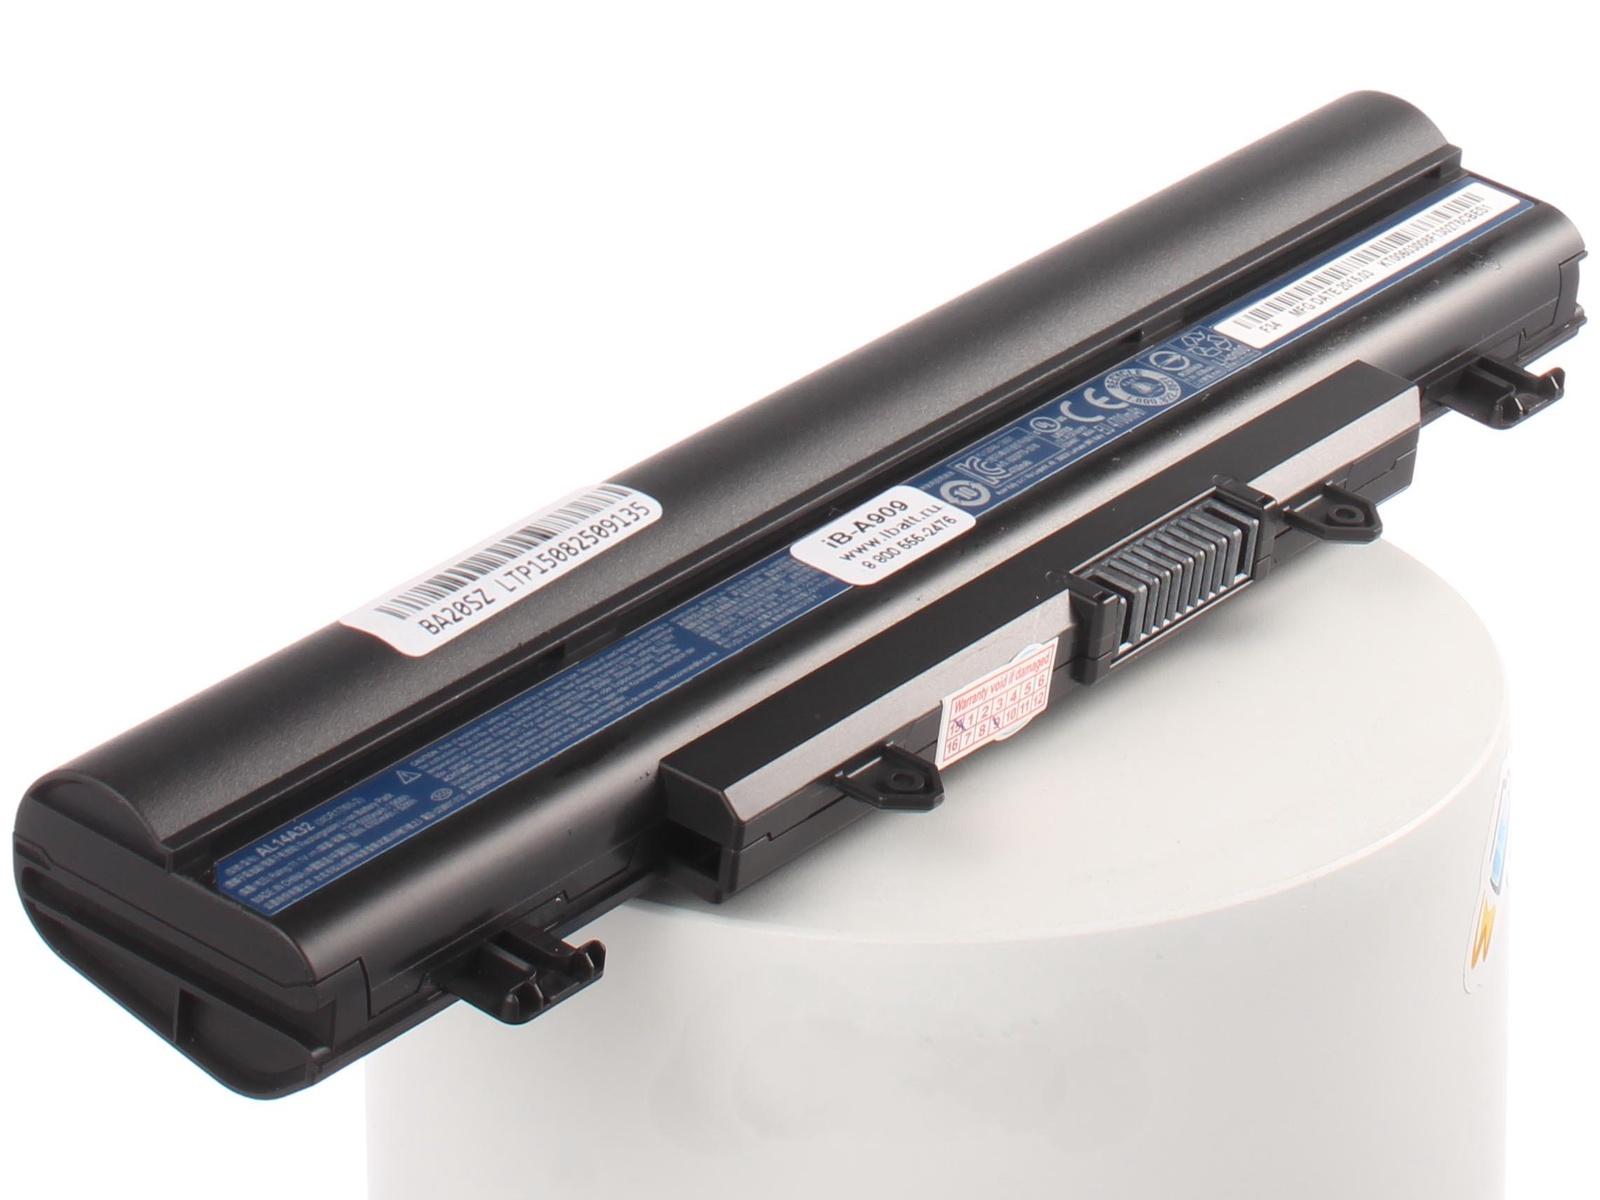 Аккумулятор для ноутбука iBatt для Acer Aspire E5-571G-39GB, Aspire E5-571P, Aspire V3-572G-56PC, Extensa 2510-36FS, TravelMate P246, ASPIRE E5-511-C5DT, ASPIRE E5-511-P6CS, Aspire E5-551-89KG, Aspire E5-551G-83ED acer aspire e5 573 331j